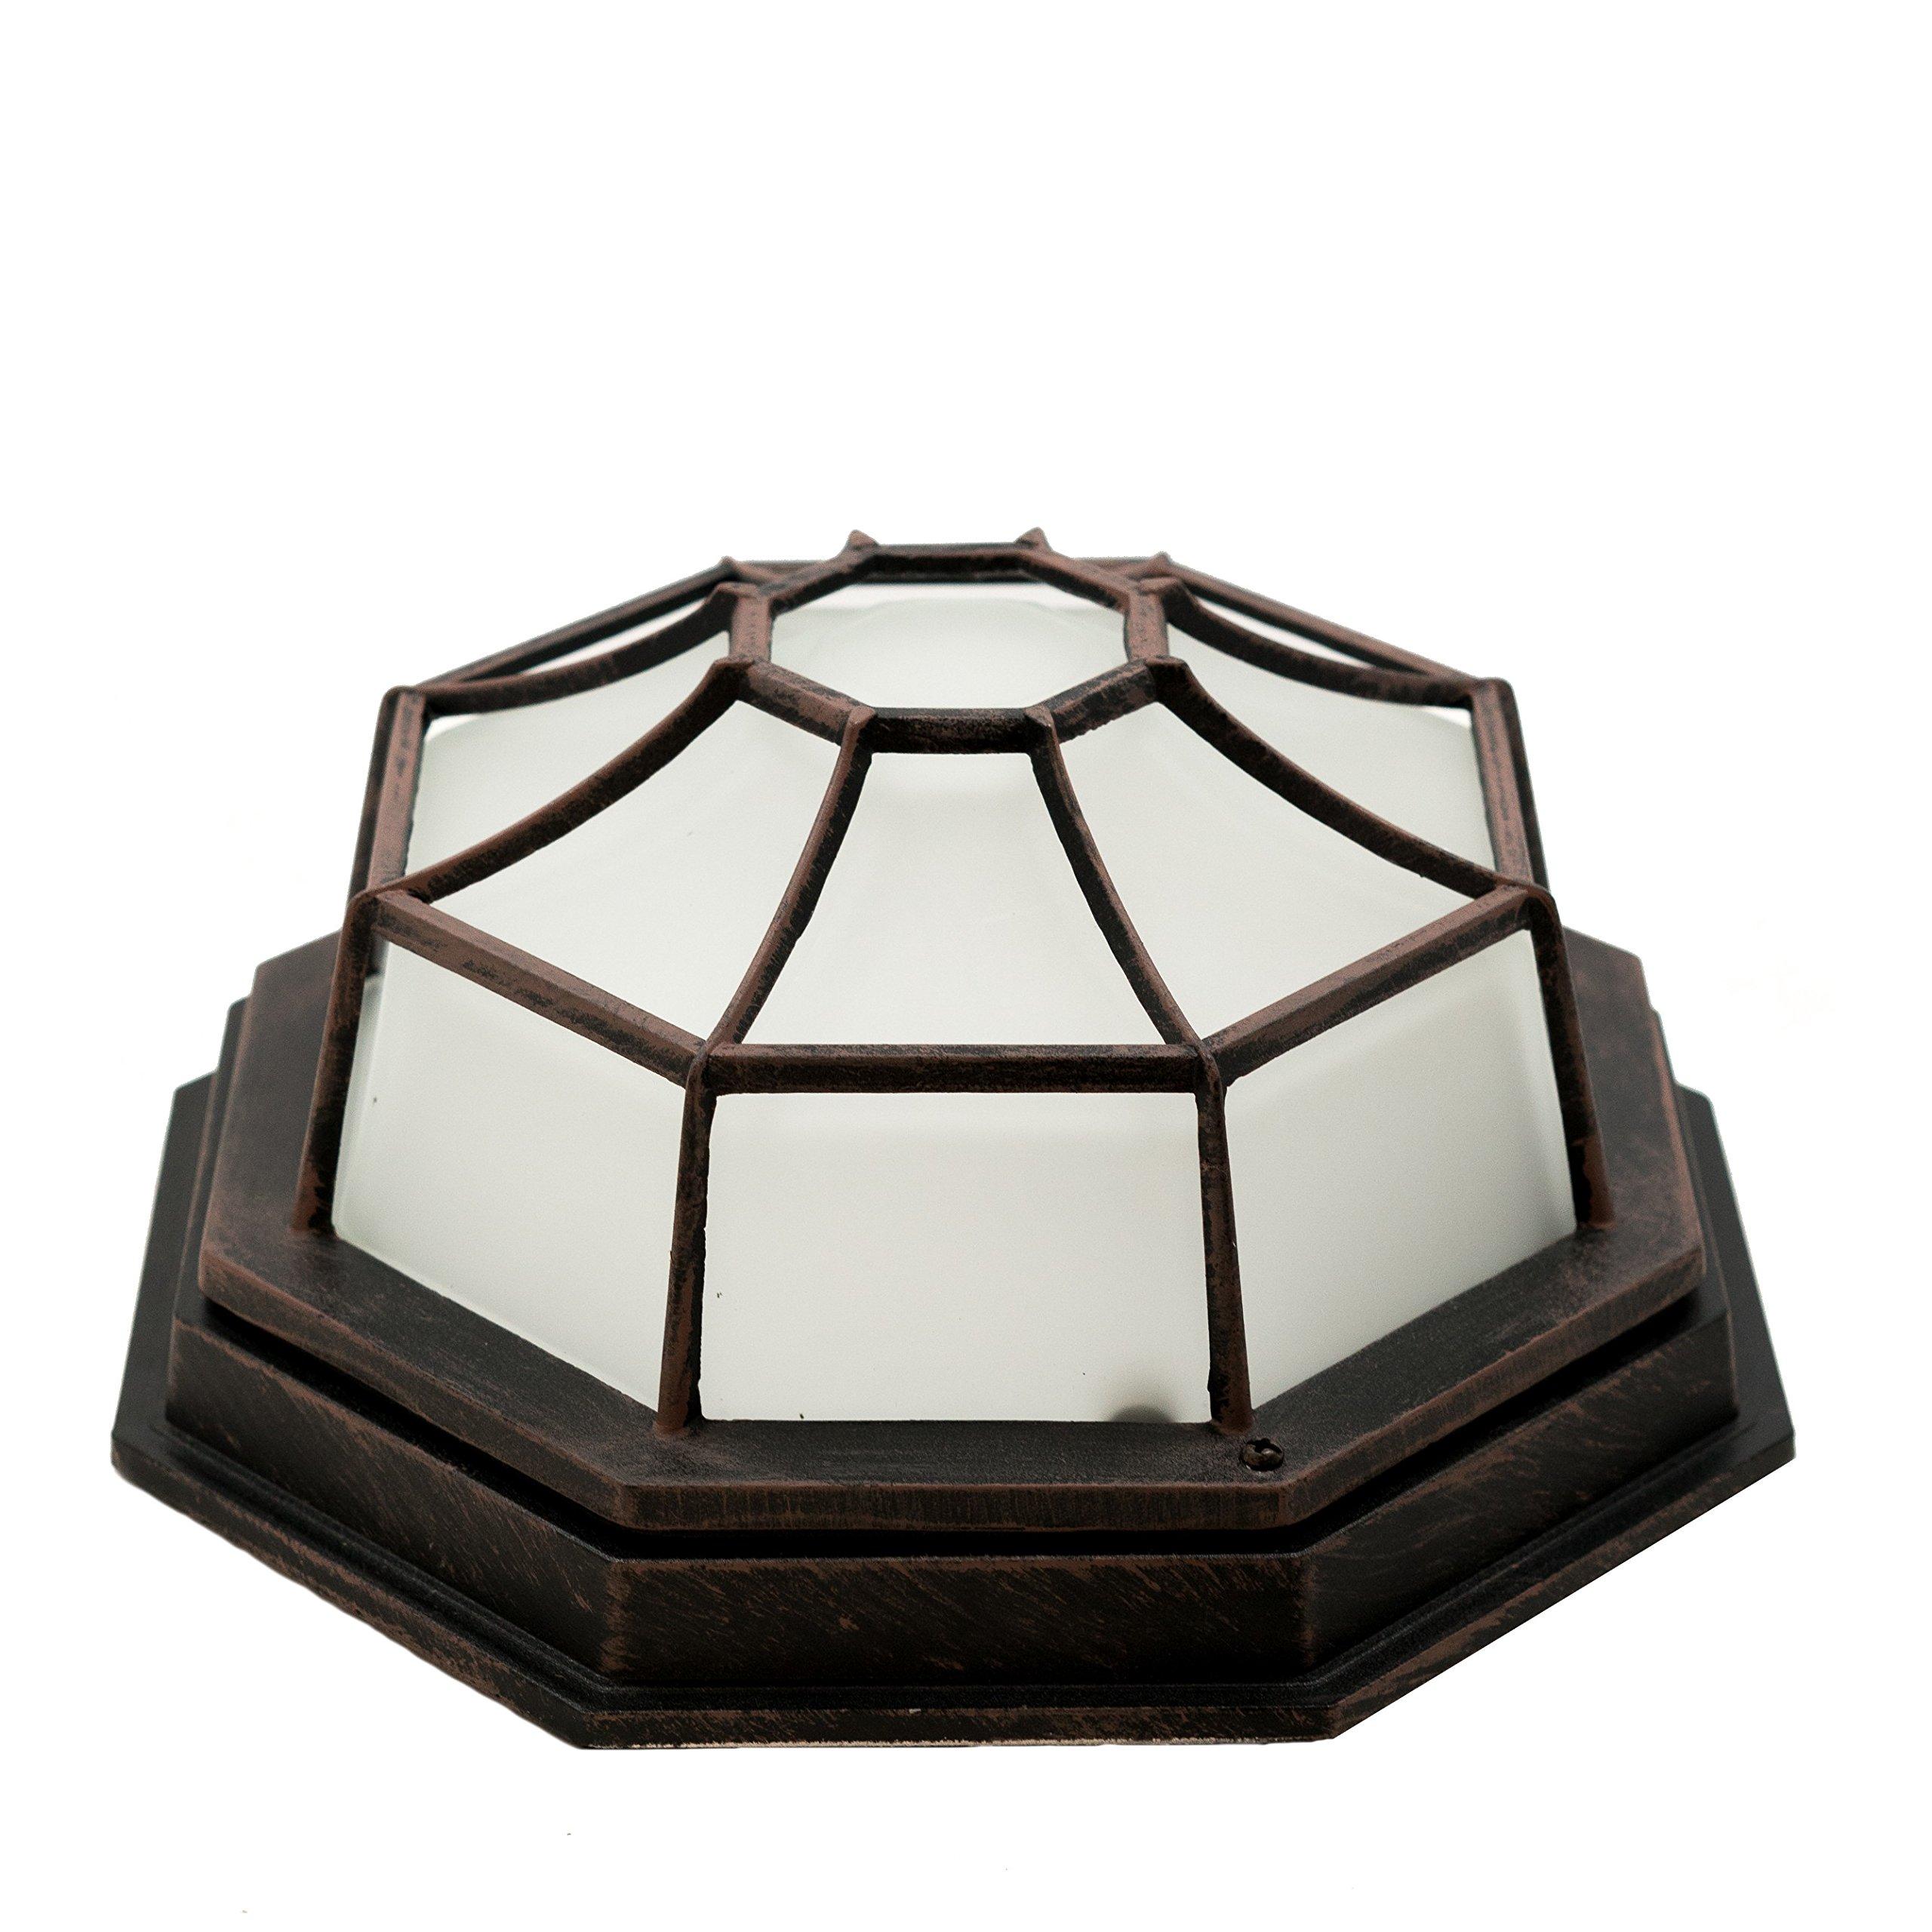 Trans Globe Lighting 40582 RT Outdoor Benkert 5'' Flushmount Lantern, Rust by Trans Globe Lighting (Image #3)